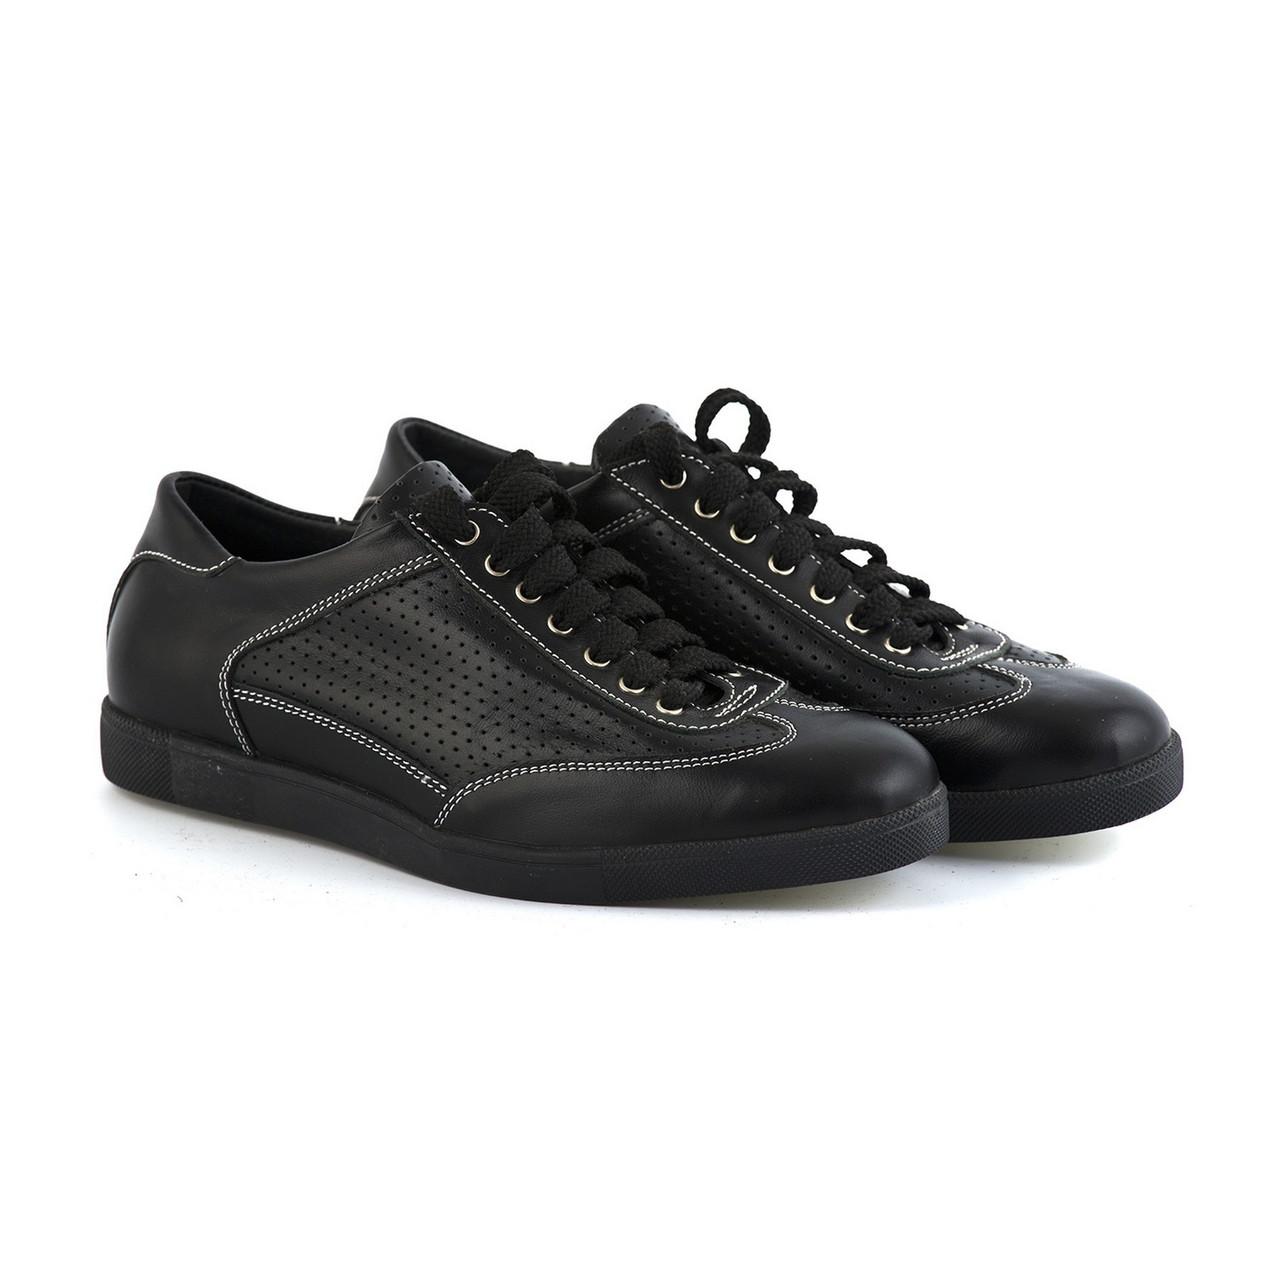 Кожаные туфли на шнуровке черные 36 размер